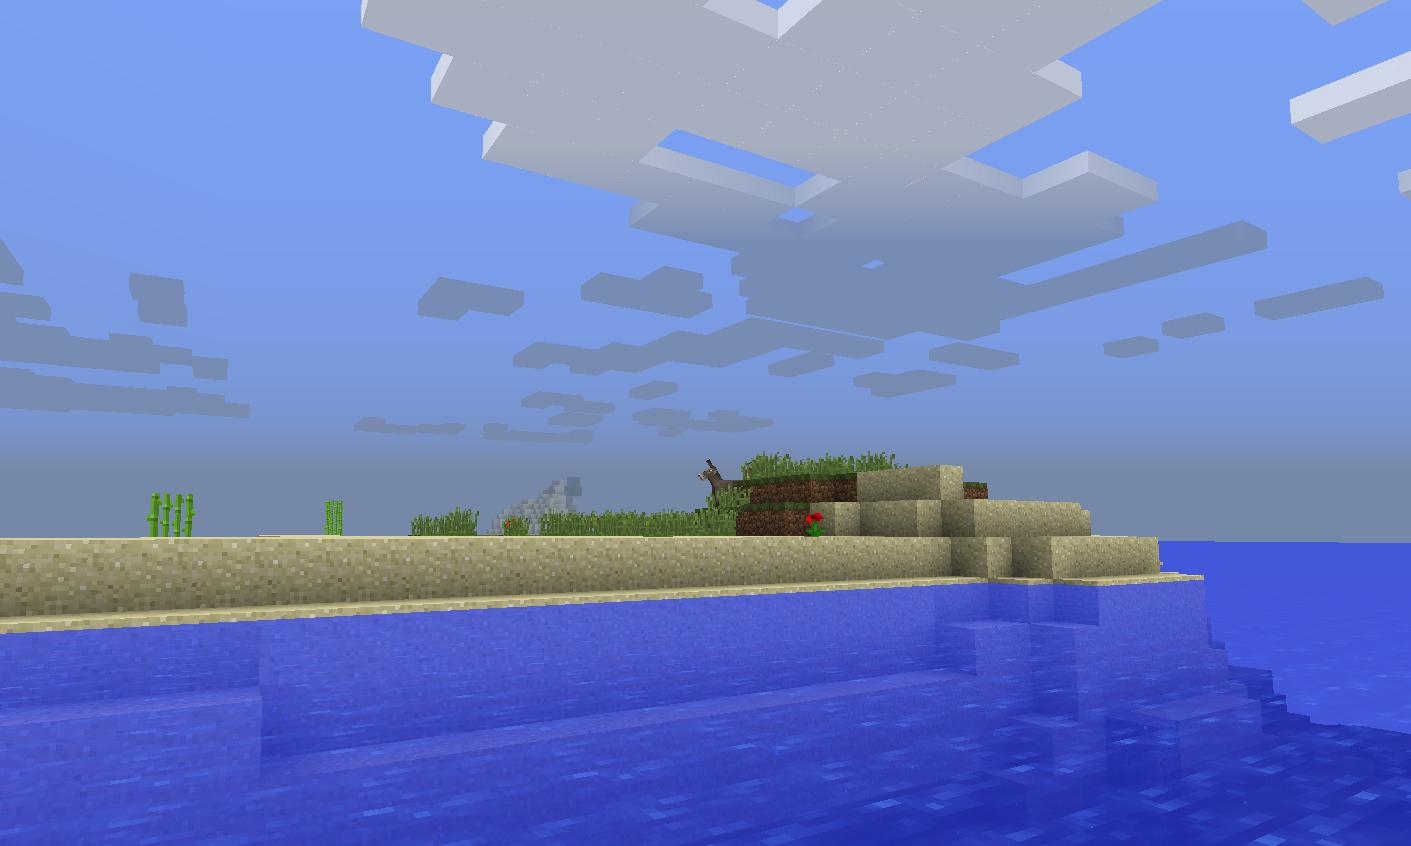 孤島.png